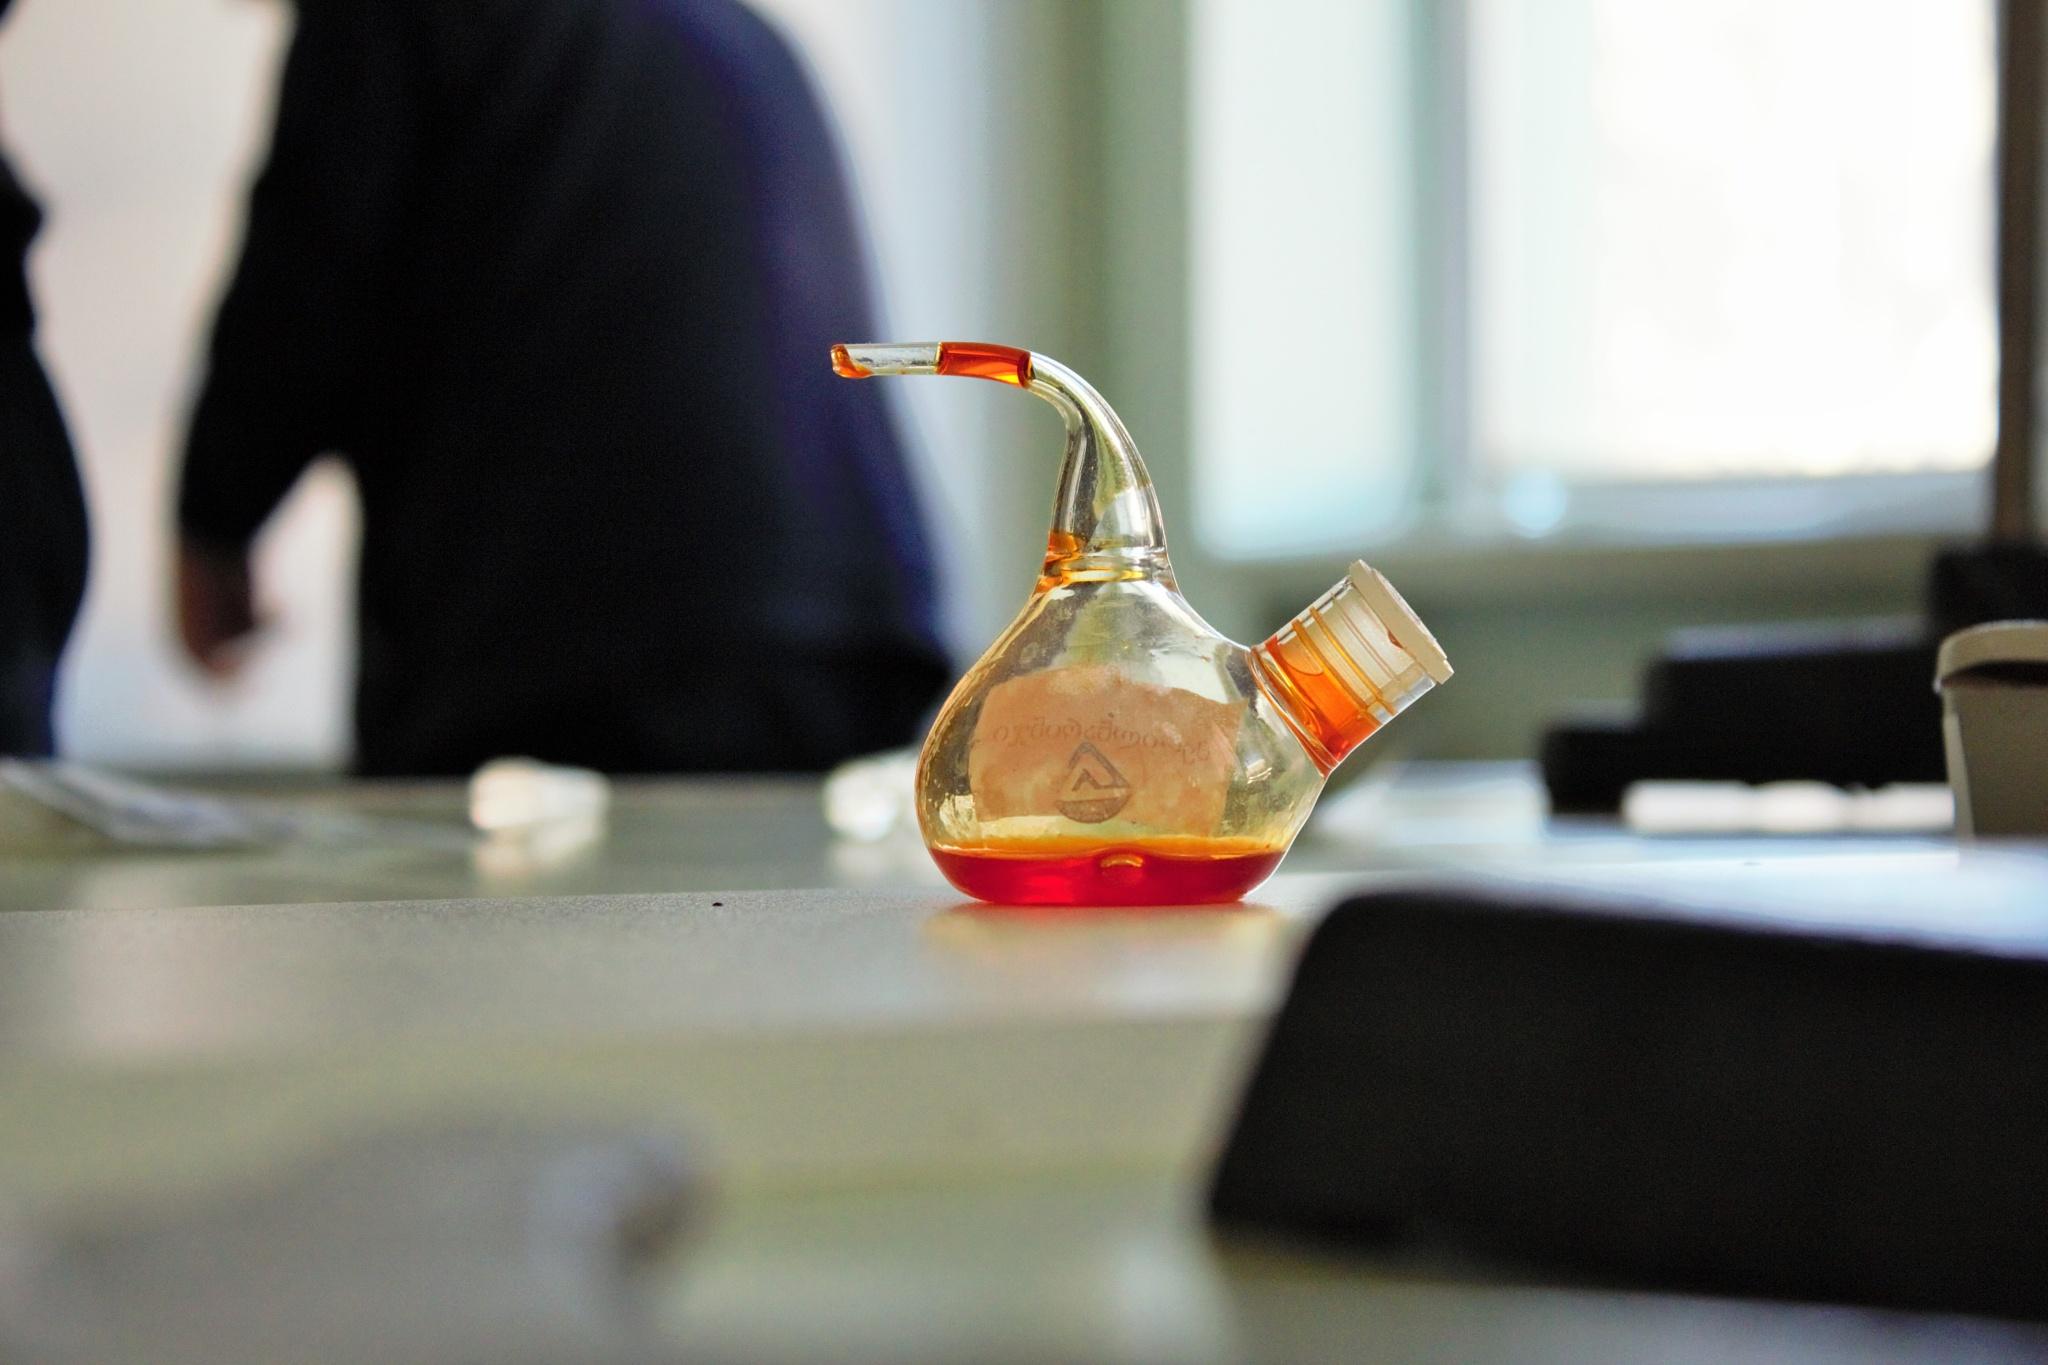 Chemistry by George Narchemashvili